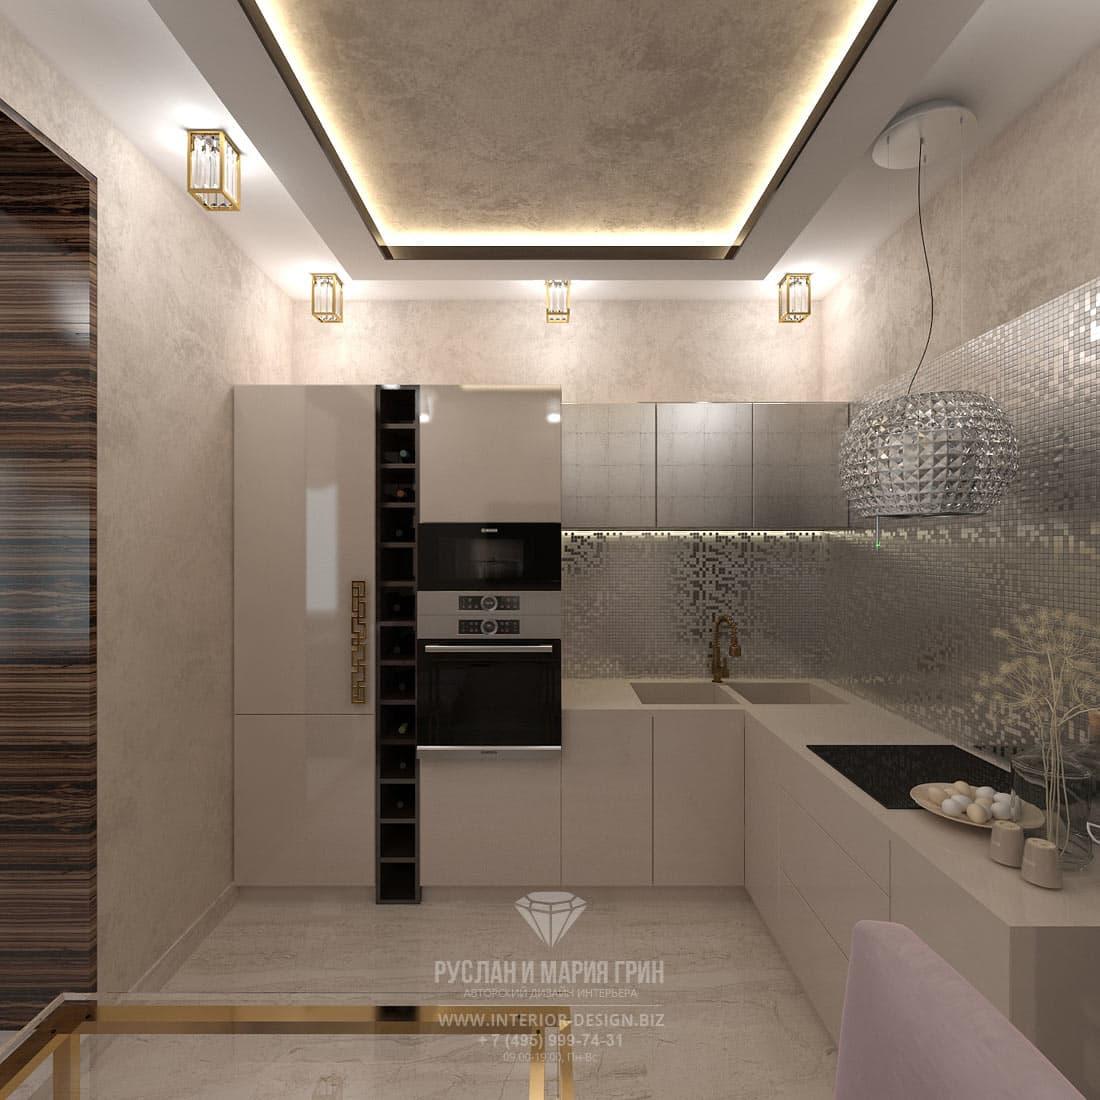 Интерьер современной кухни в стиле ар-деко